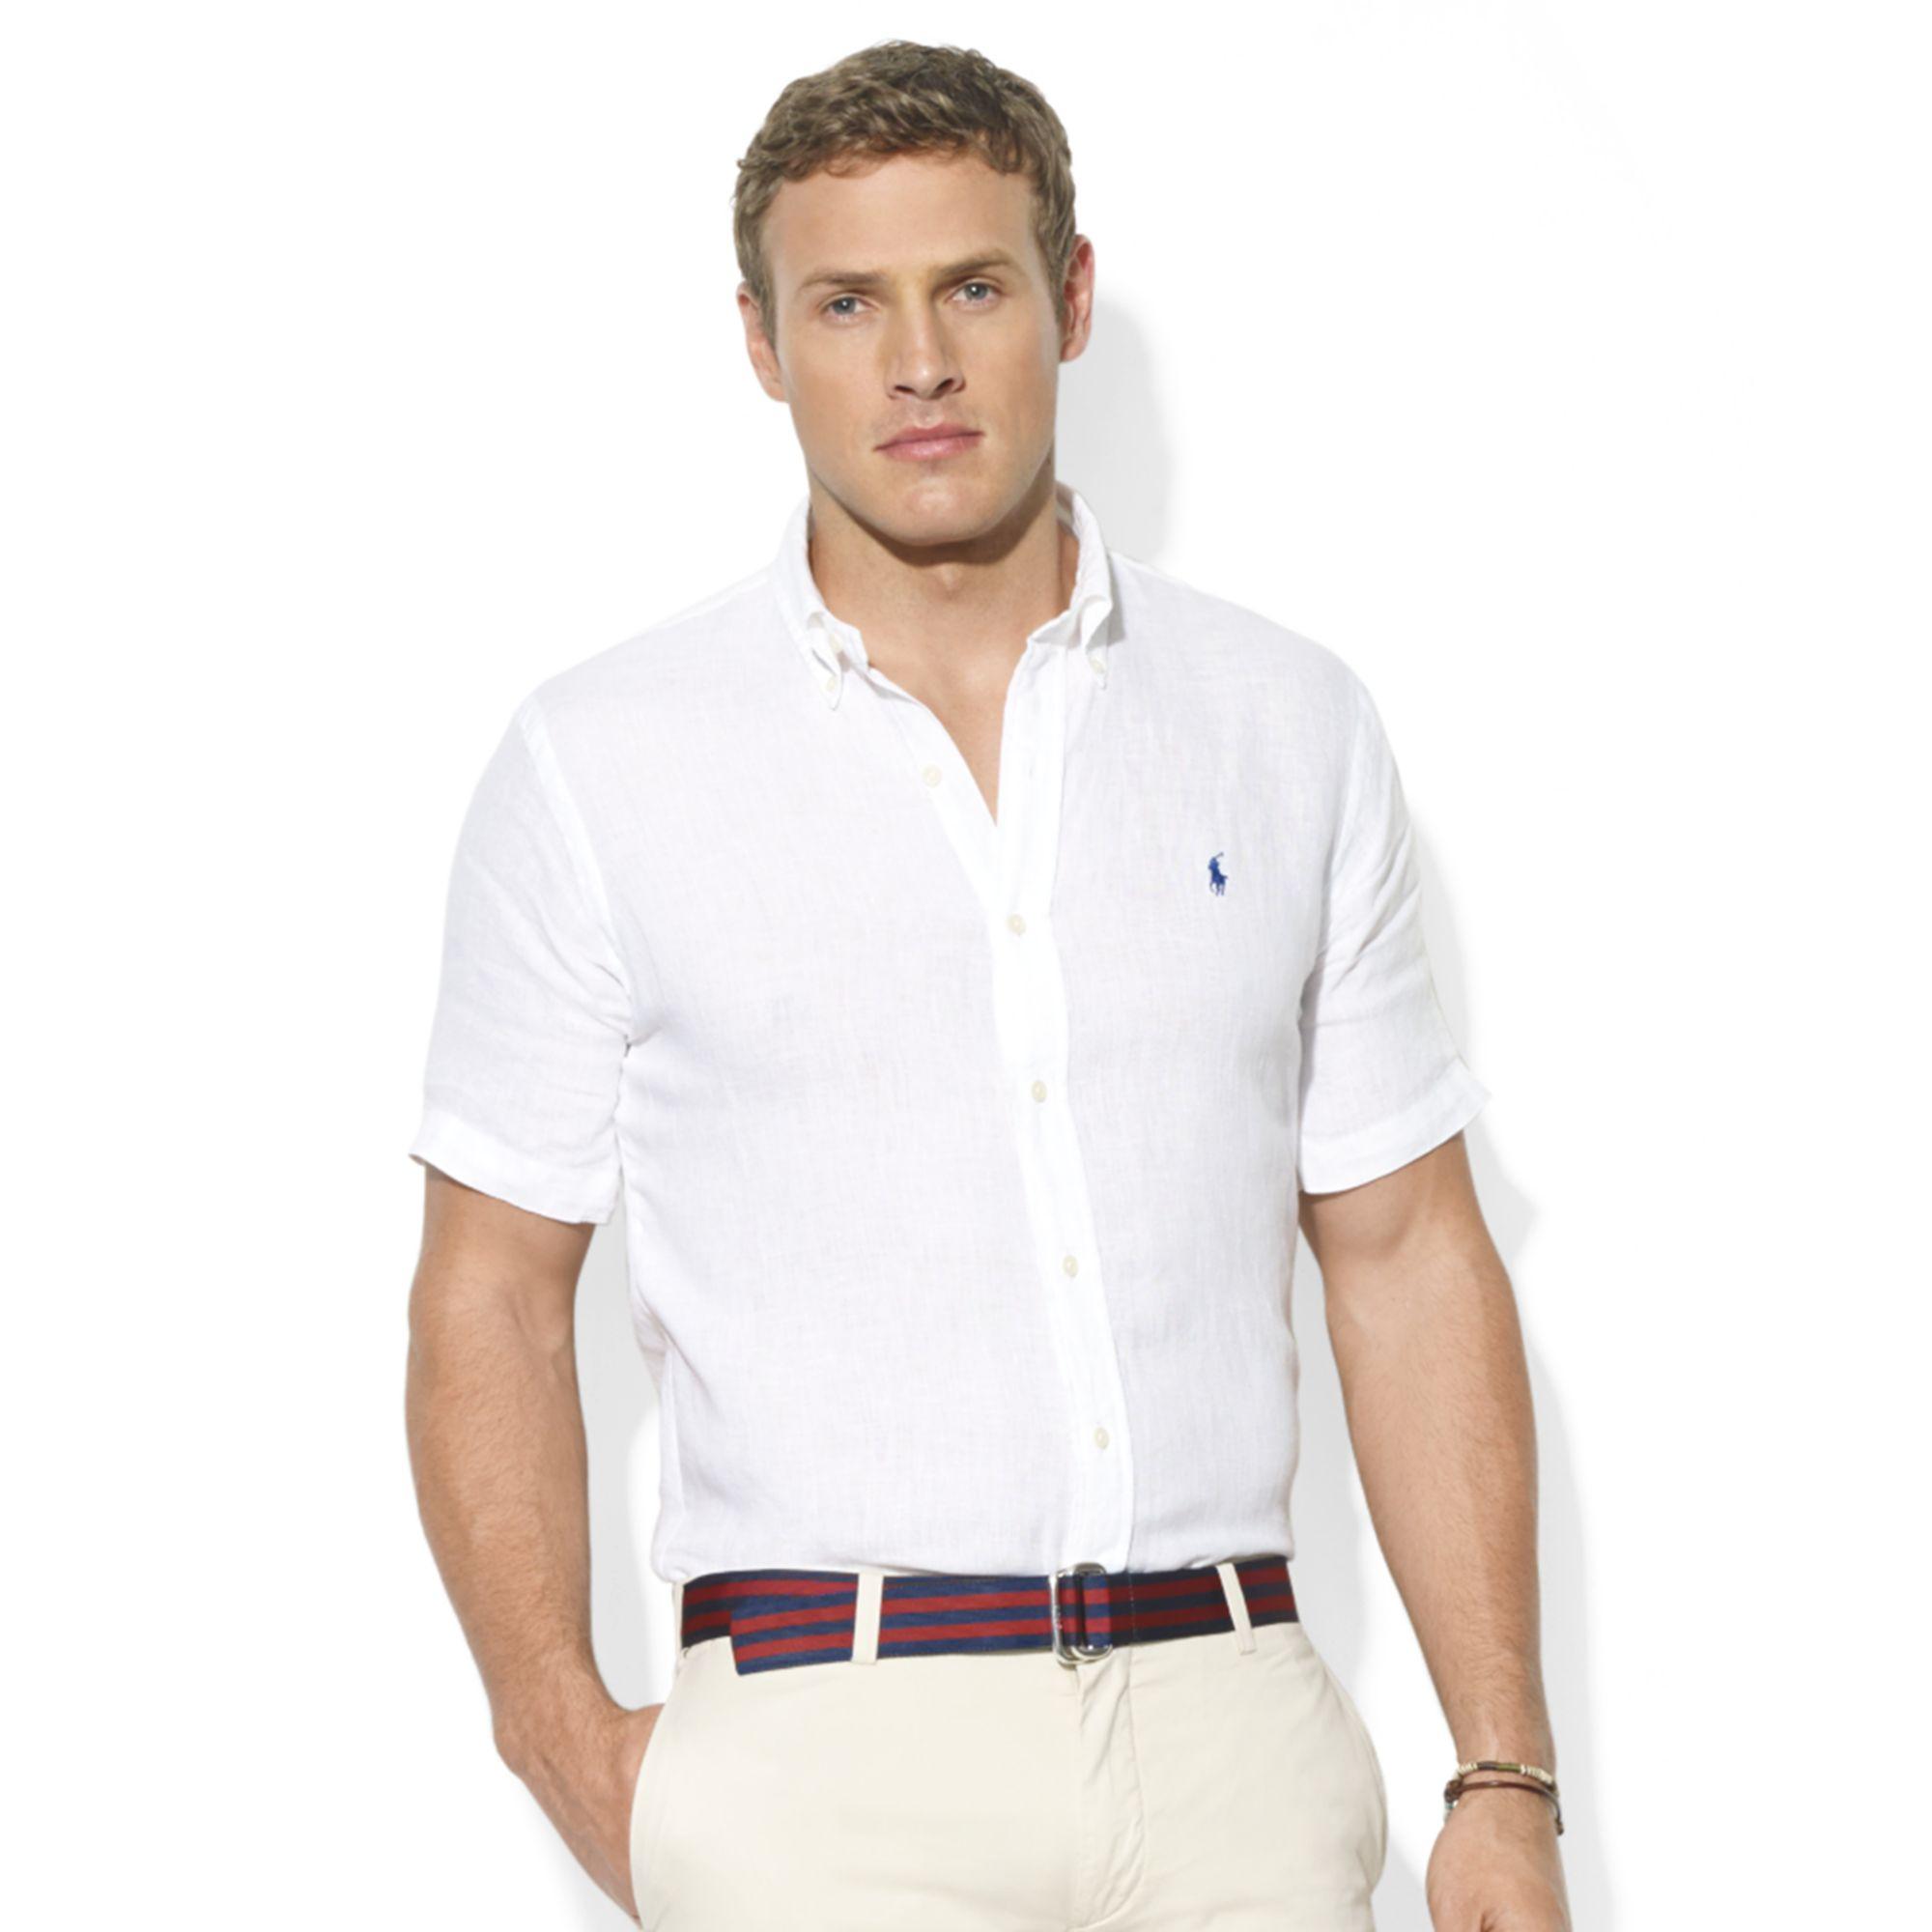 014d9ce7 Ralph Lauren Classic Fit Short Sleeve Solid Linen Sport Shirt in ...